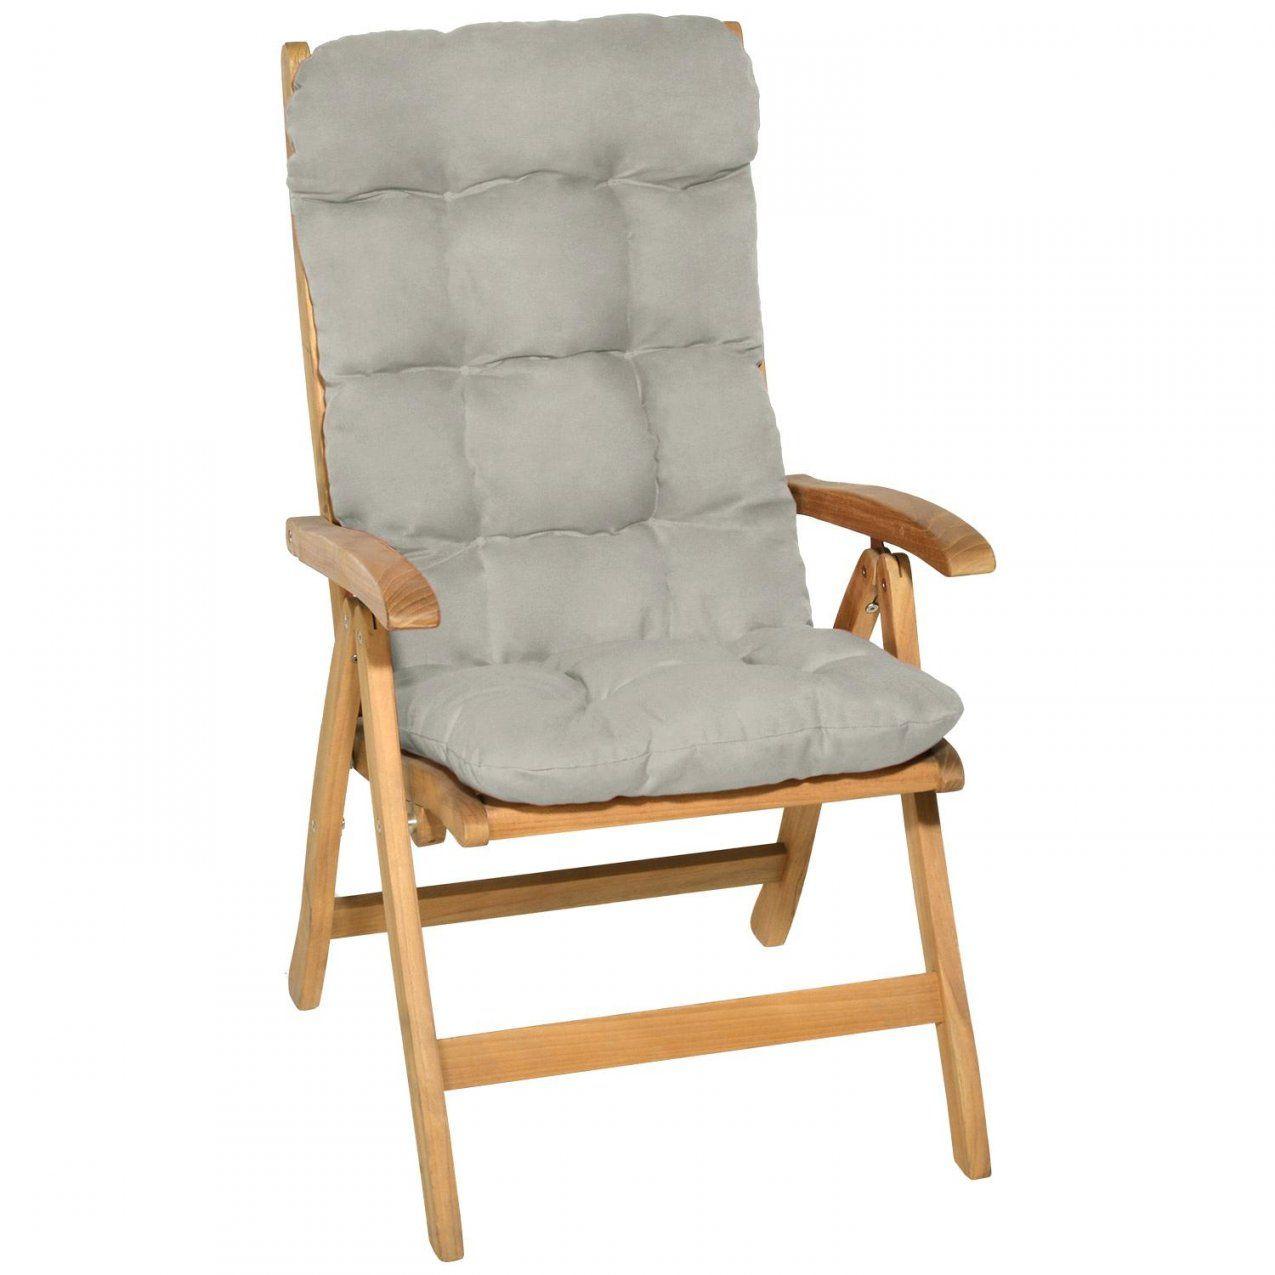 Auflagen Hochlehner Sitzauflagen Gartenstuhl Sitzkissen Polster von Kettler Auflagen Hochlehner Tiffany Bild